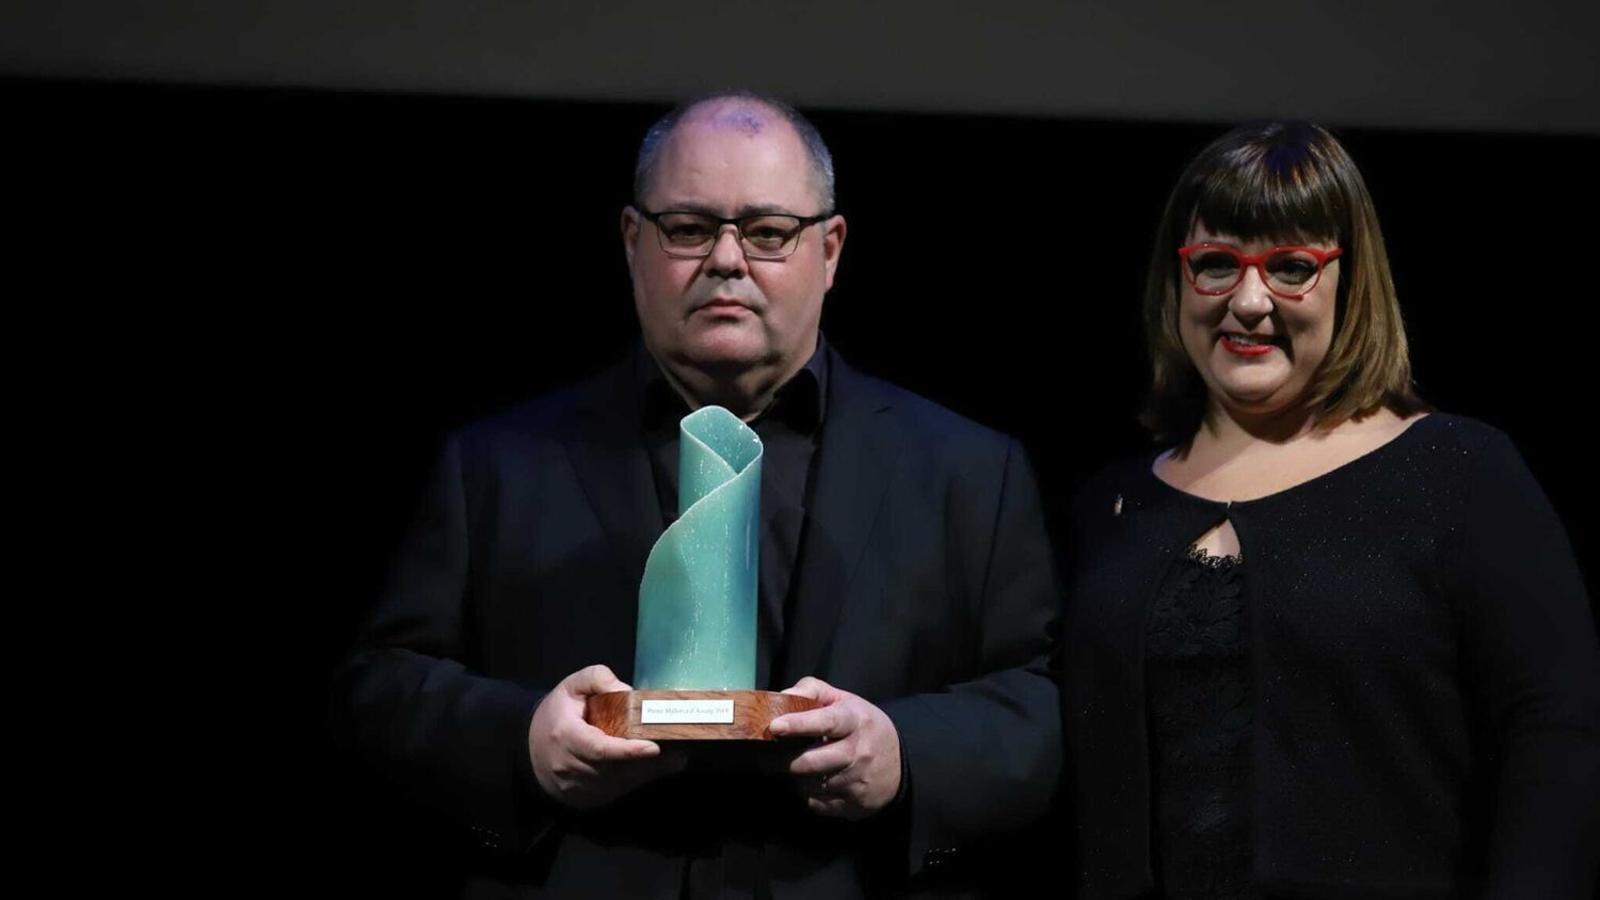 Antoni Mas recollint el premi Mallorca de Creació Literària de la mà de la consellera insular de cultura, Bel Busquets.